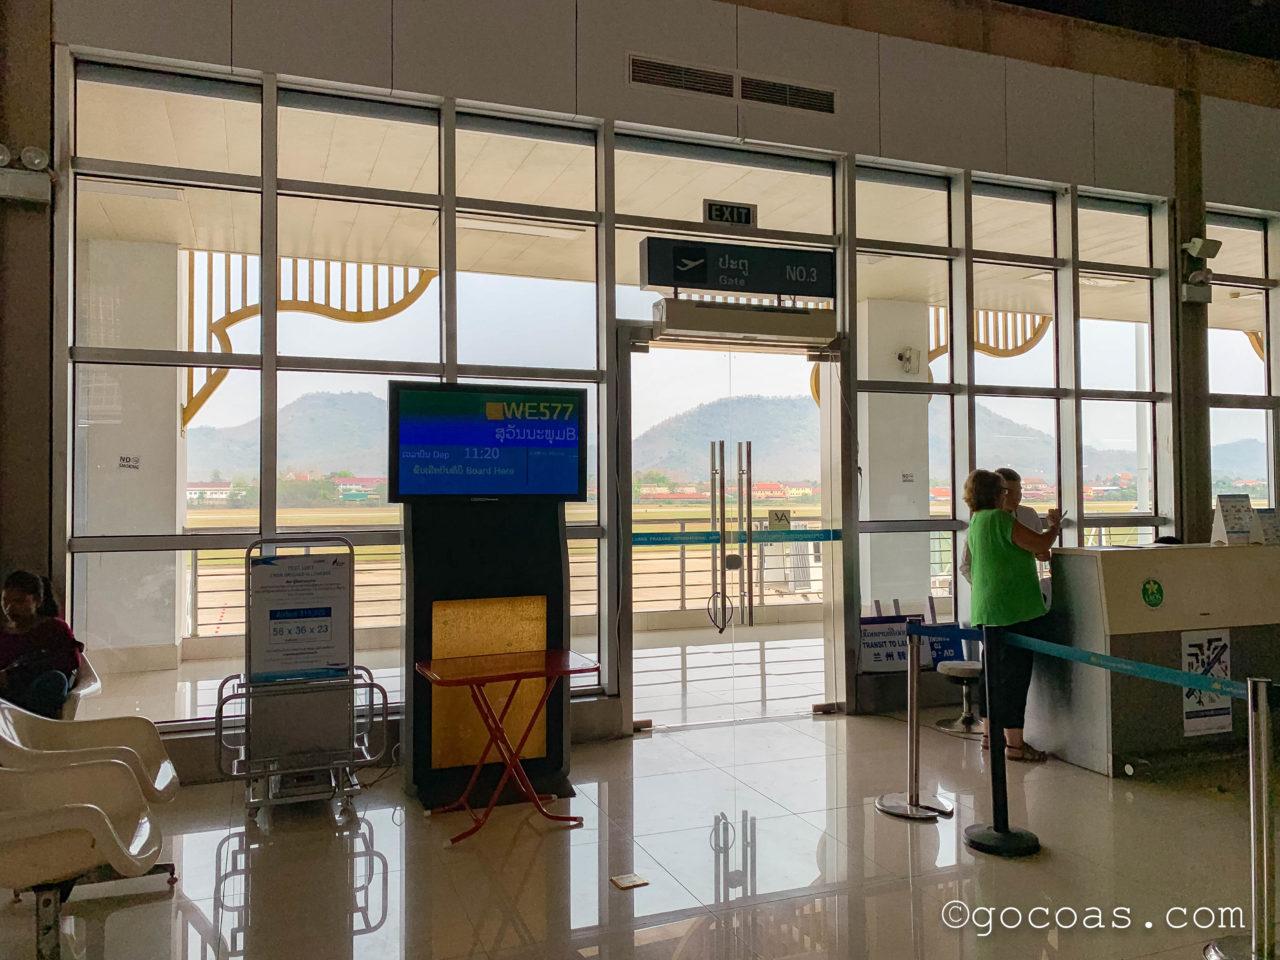 ルアンパバーン国際空港の搭乗ゲート